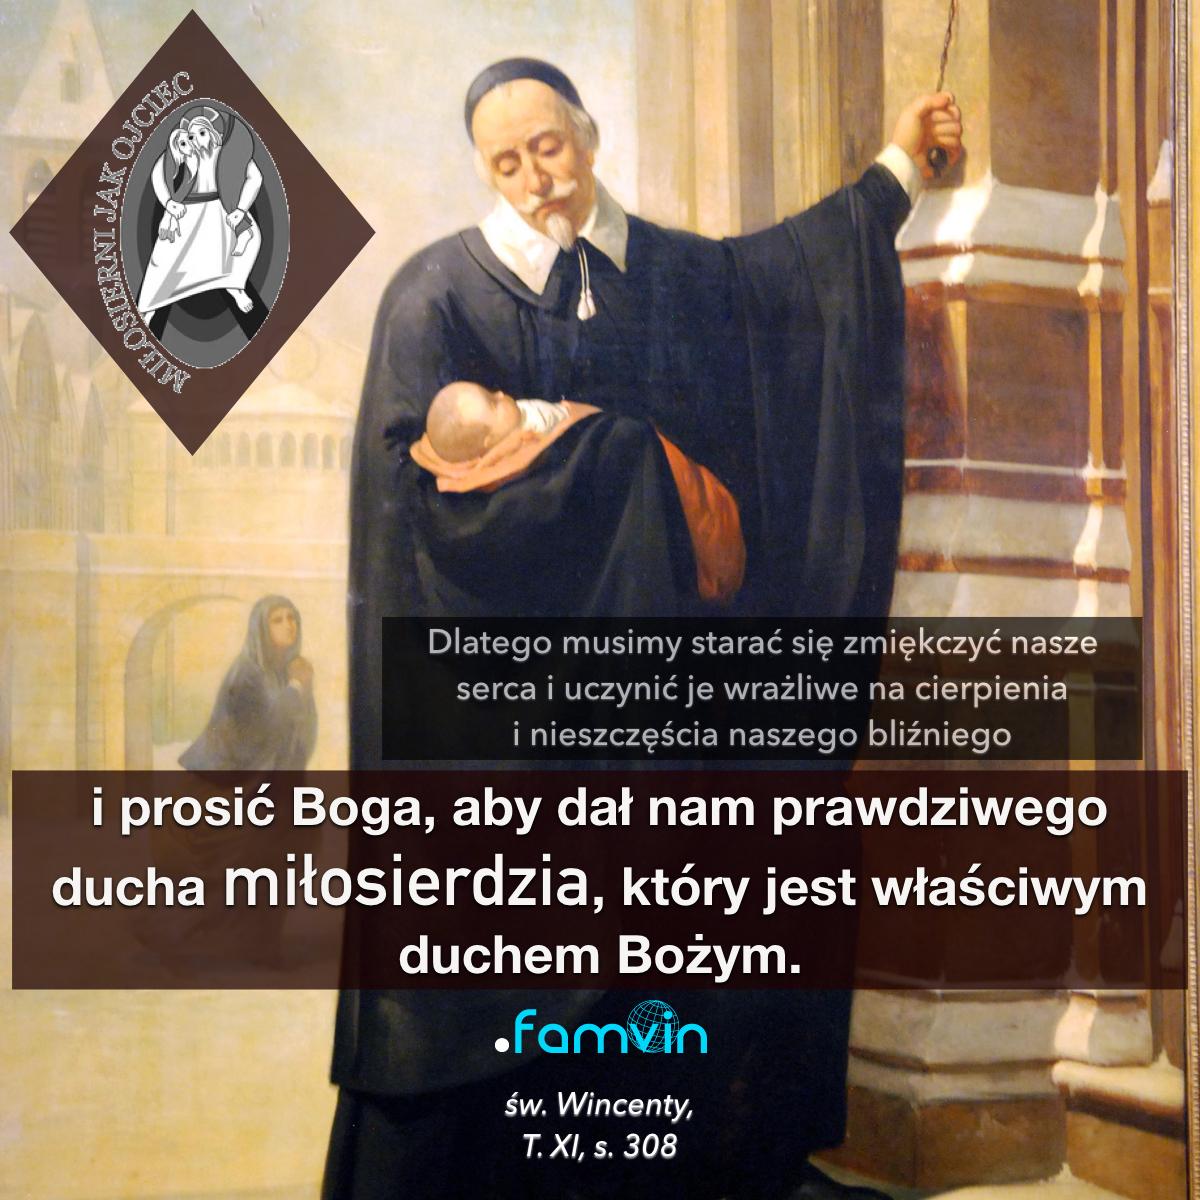 Rok Miłosierdzia po wincentyńsku 15.11.2016